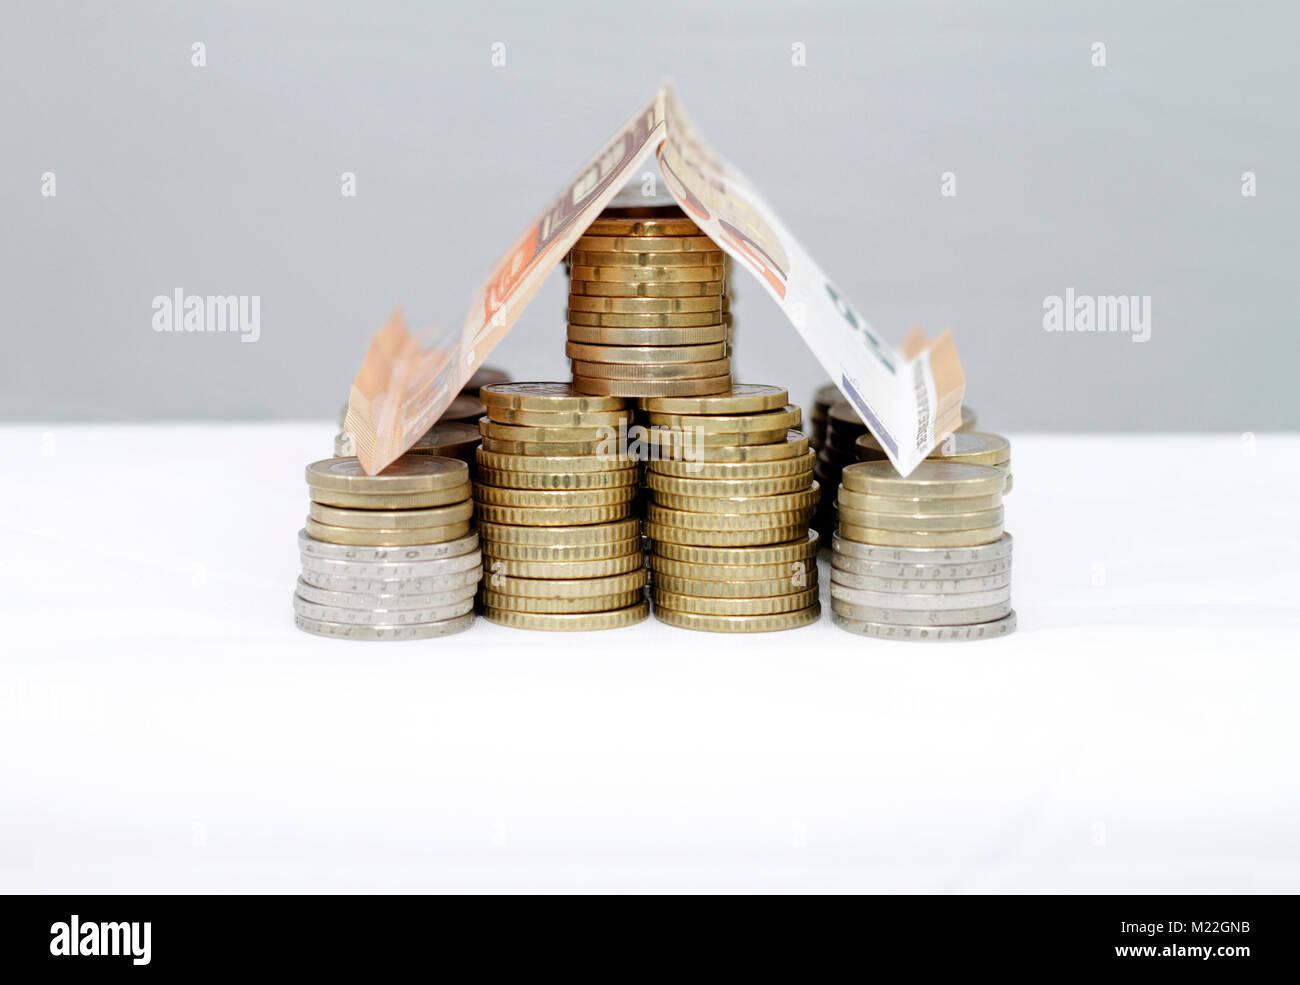 Haus aus Geld - Hypotheken und Finanzierungen Stockbild